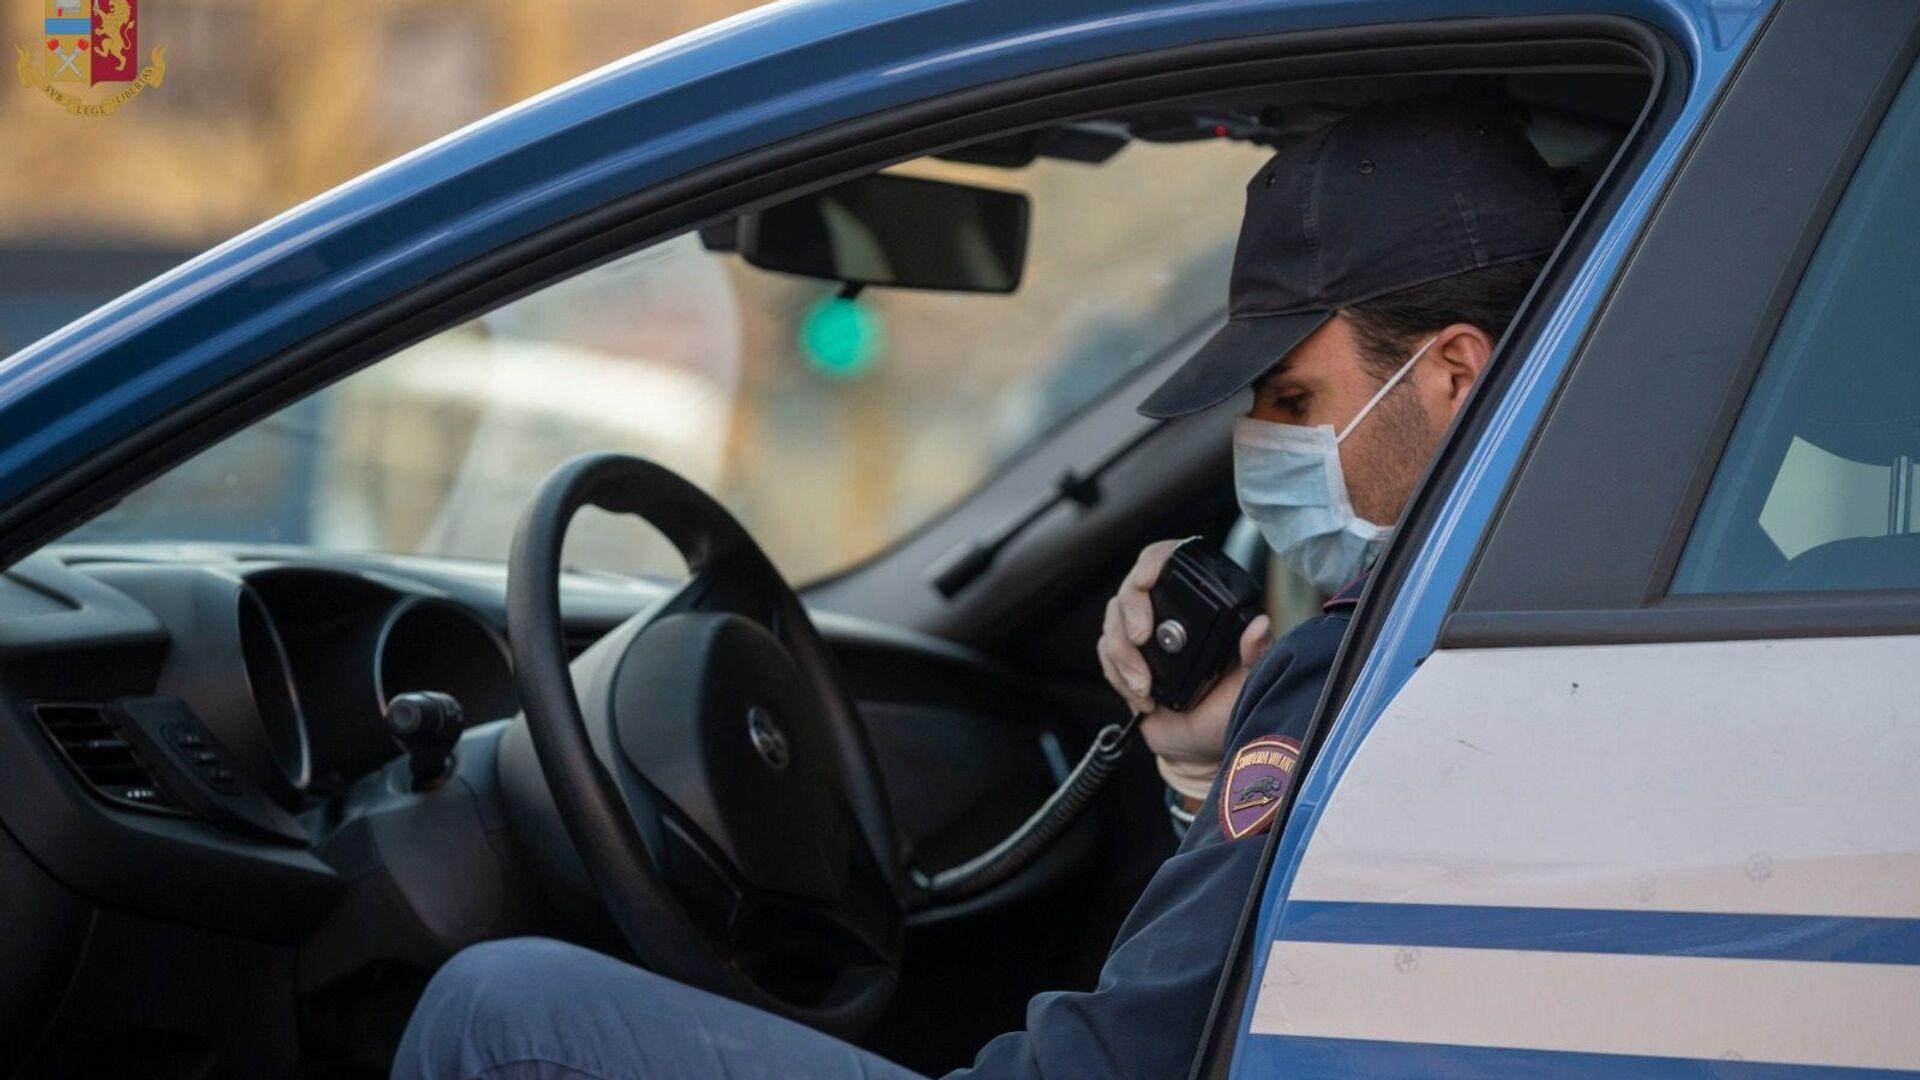 Polizia di Stato, un agente in una volante - Sputnik Italia, 1920, 07.04.2021